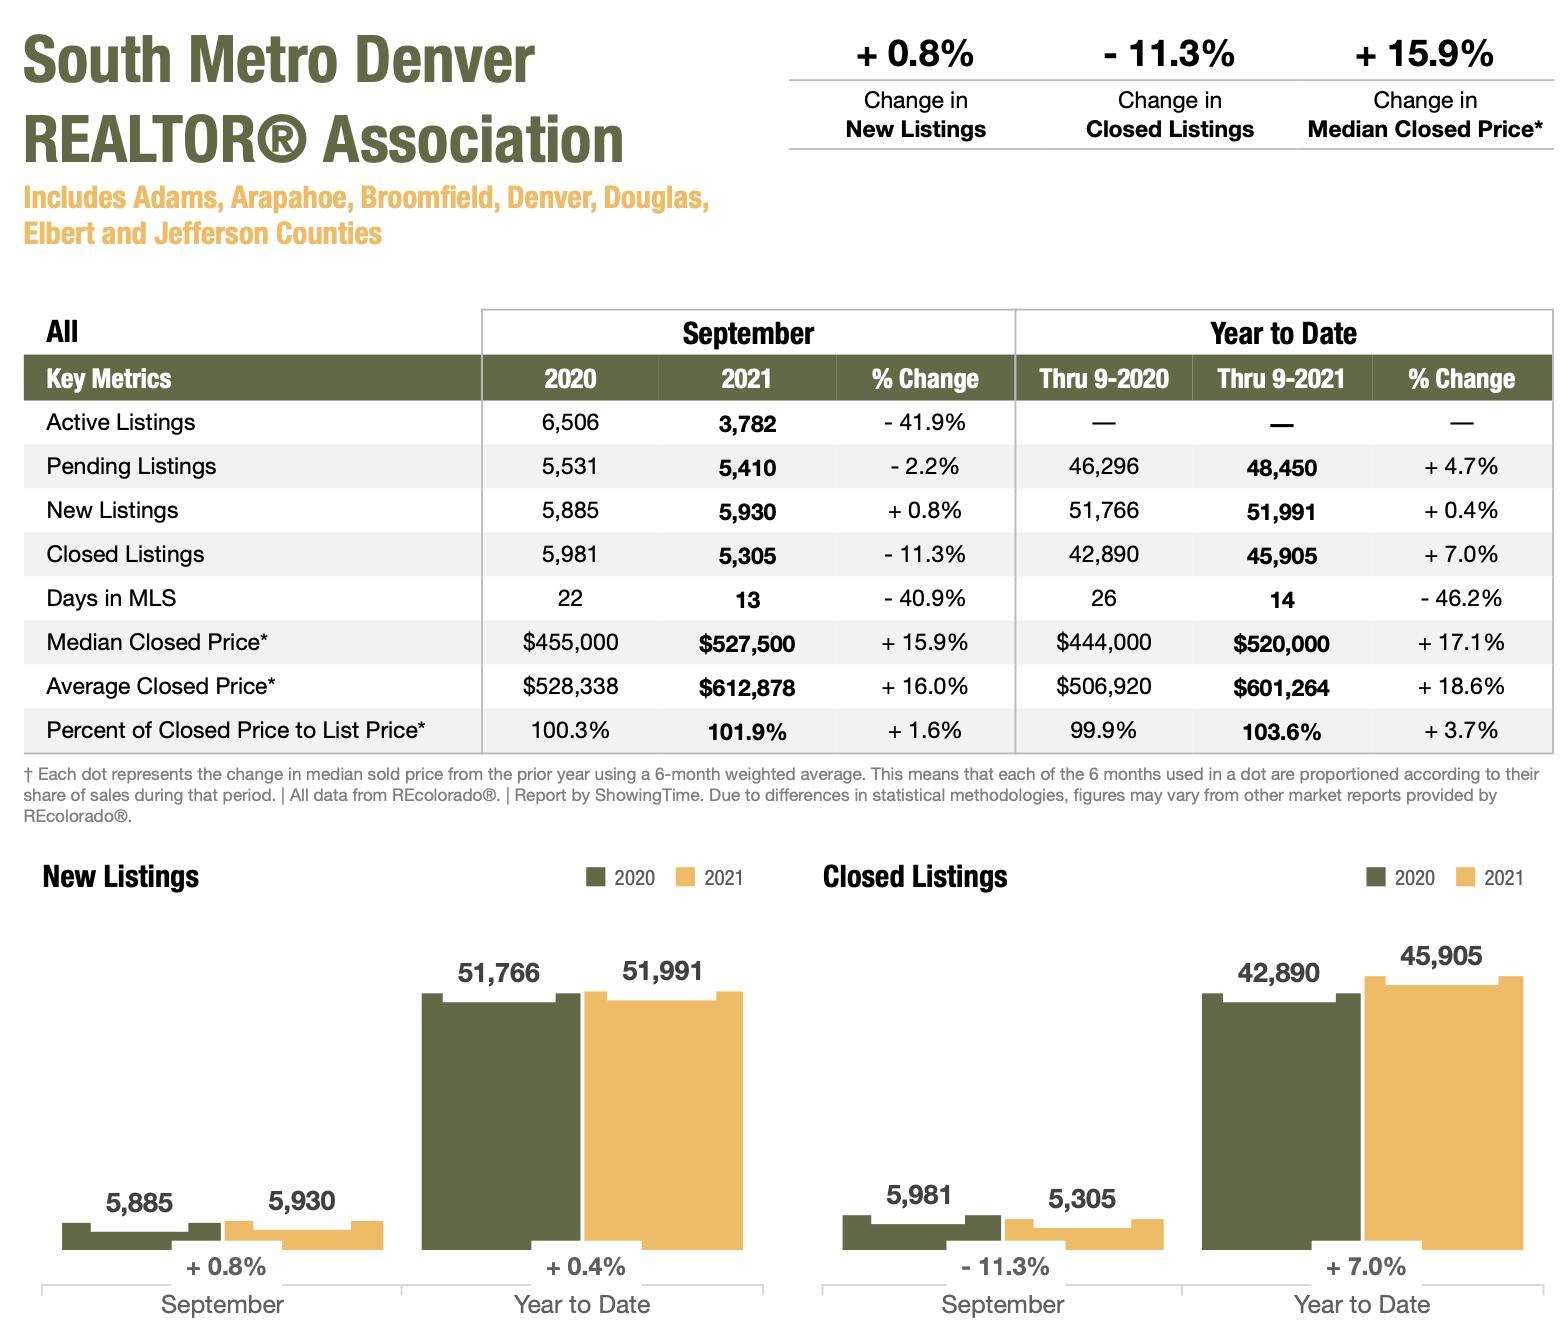 Colorado Real Estate Market Report South Metro Denver REALTOR Association September 2021